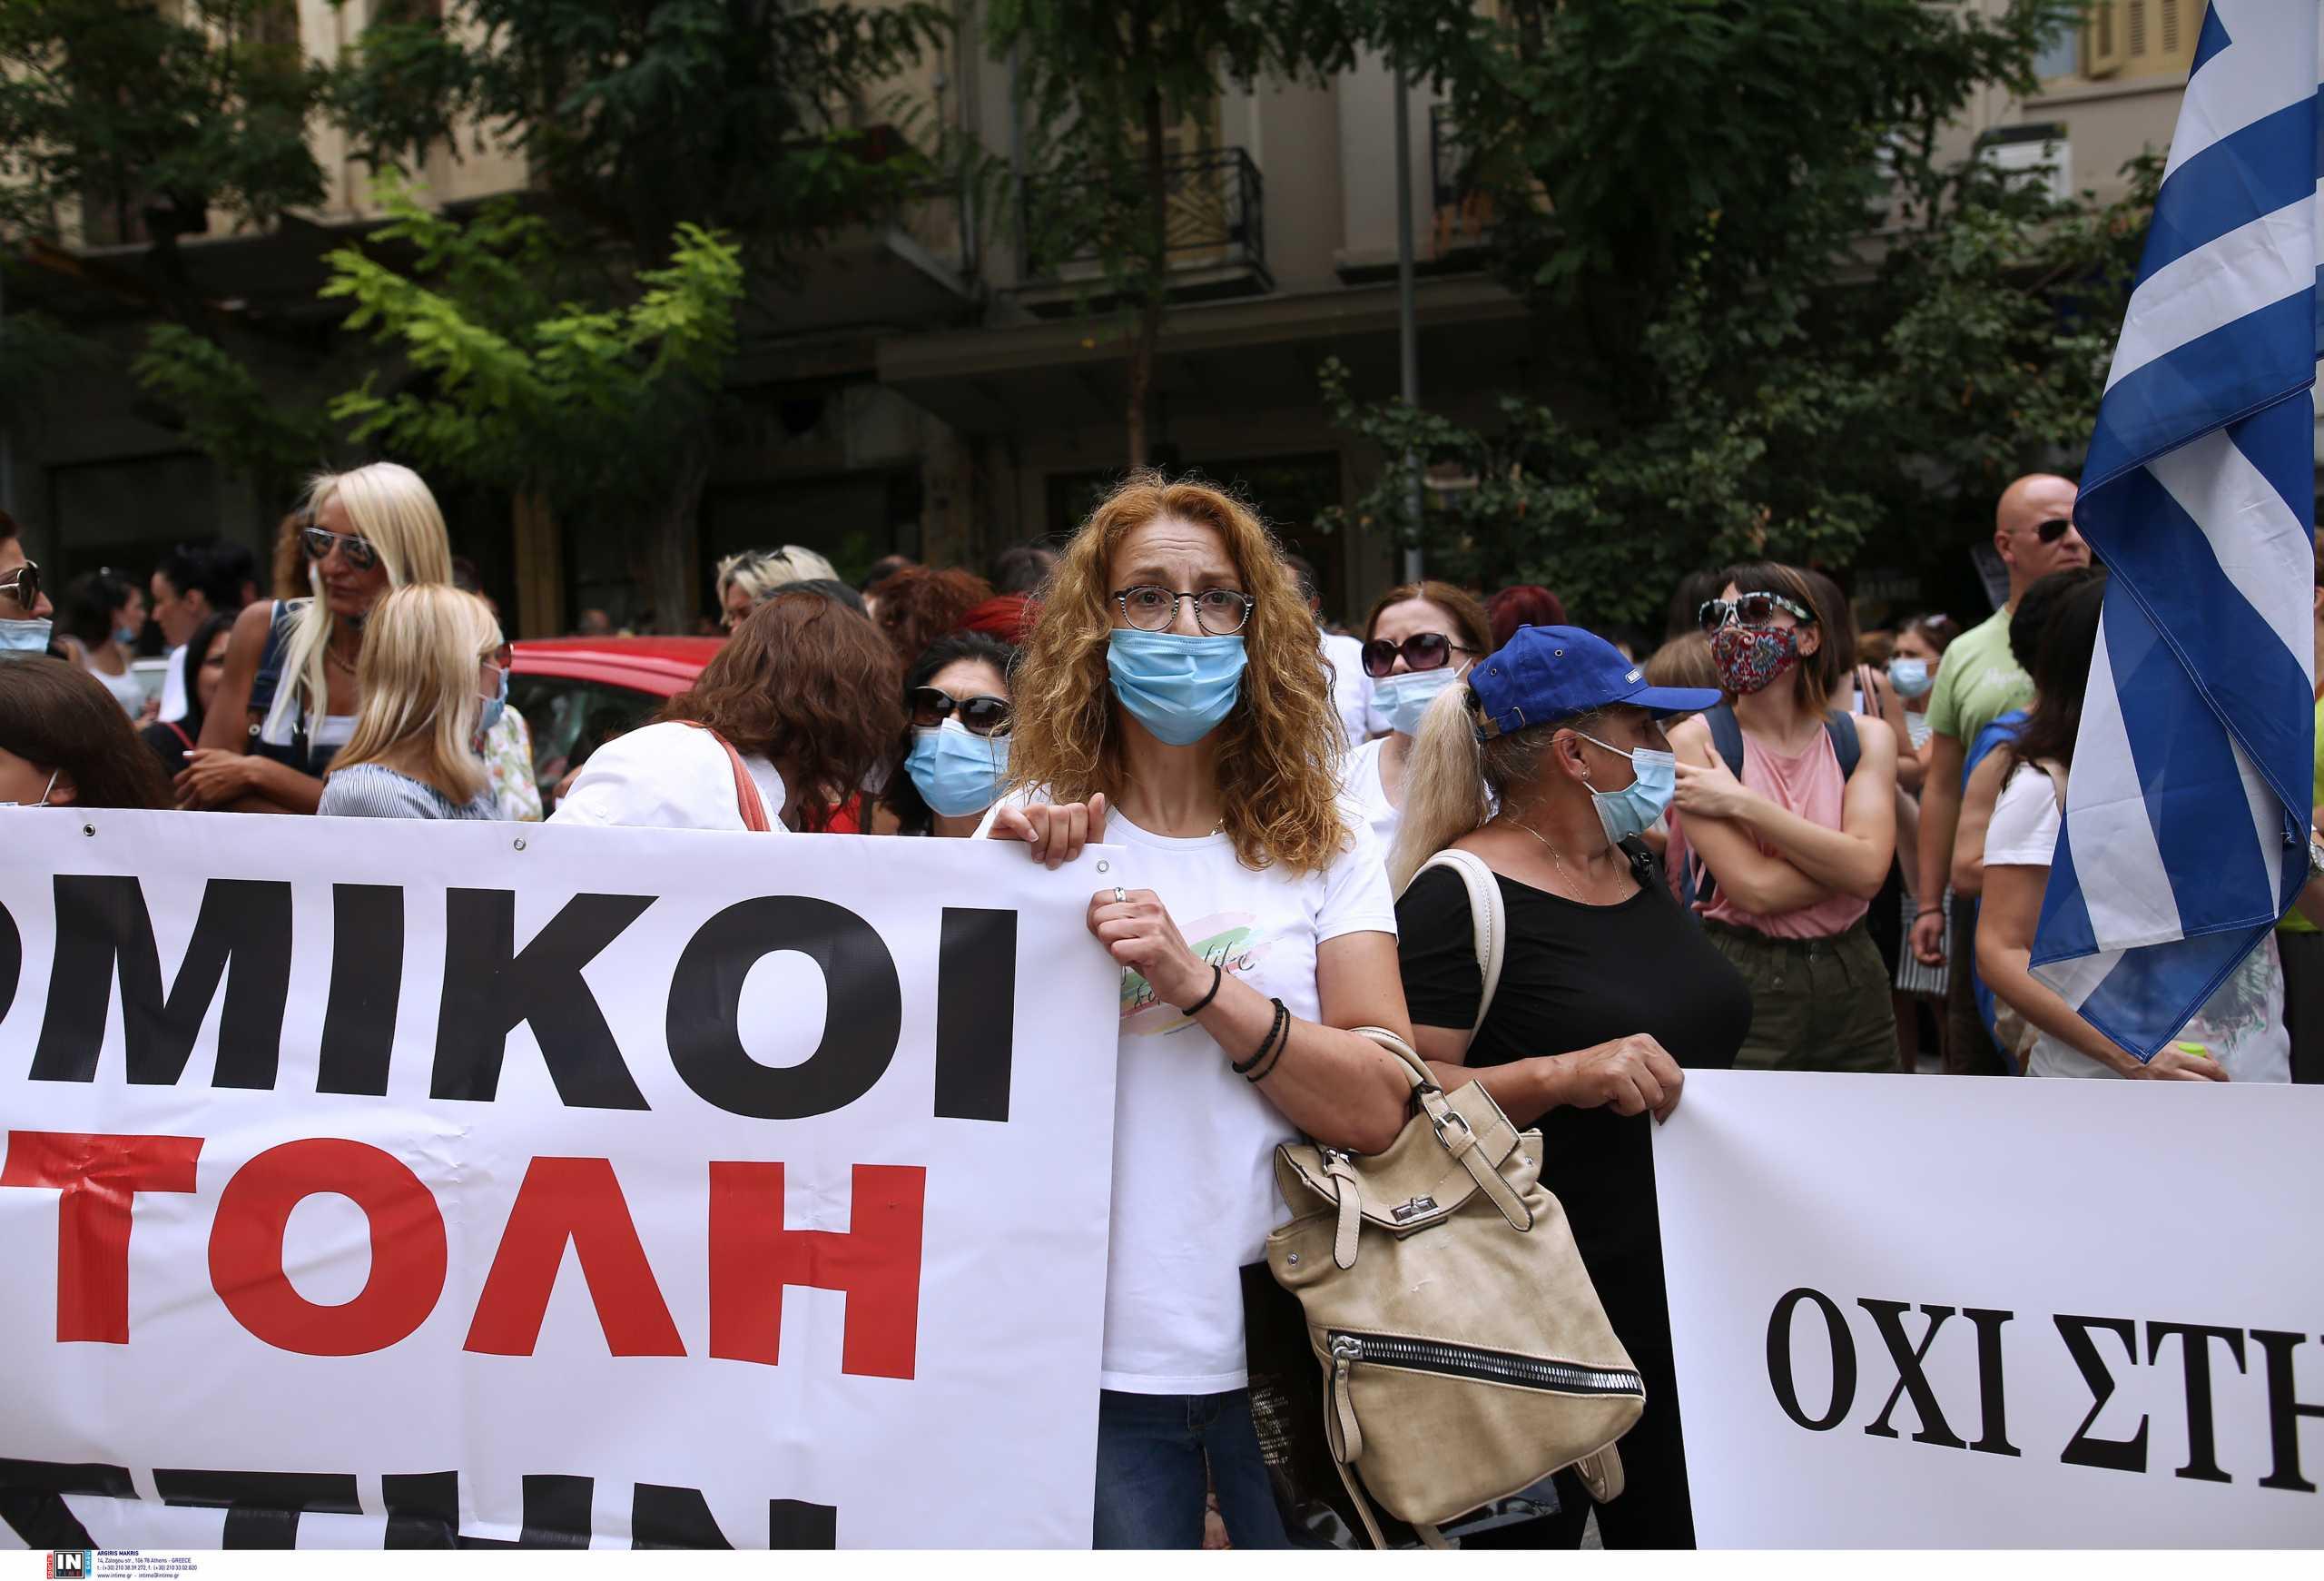 Θεσσαλονίκη: Μεγάλη συγκέντρωση υγειονομικών κατά του υποχρεωτικού εμβολιασμού